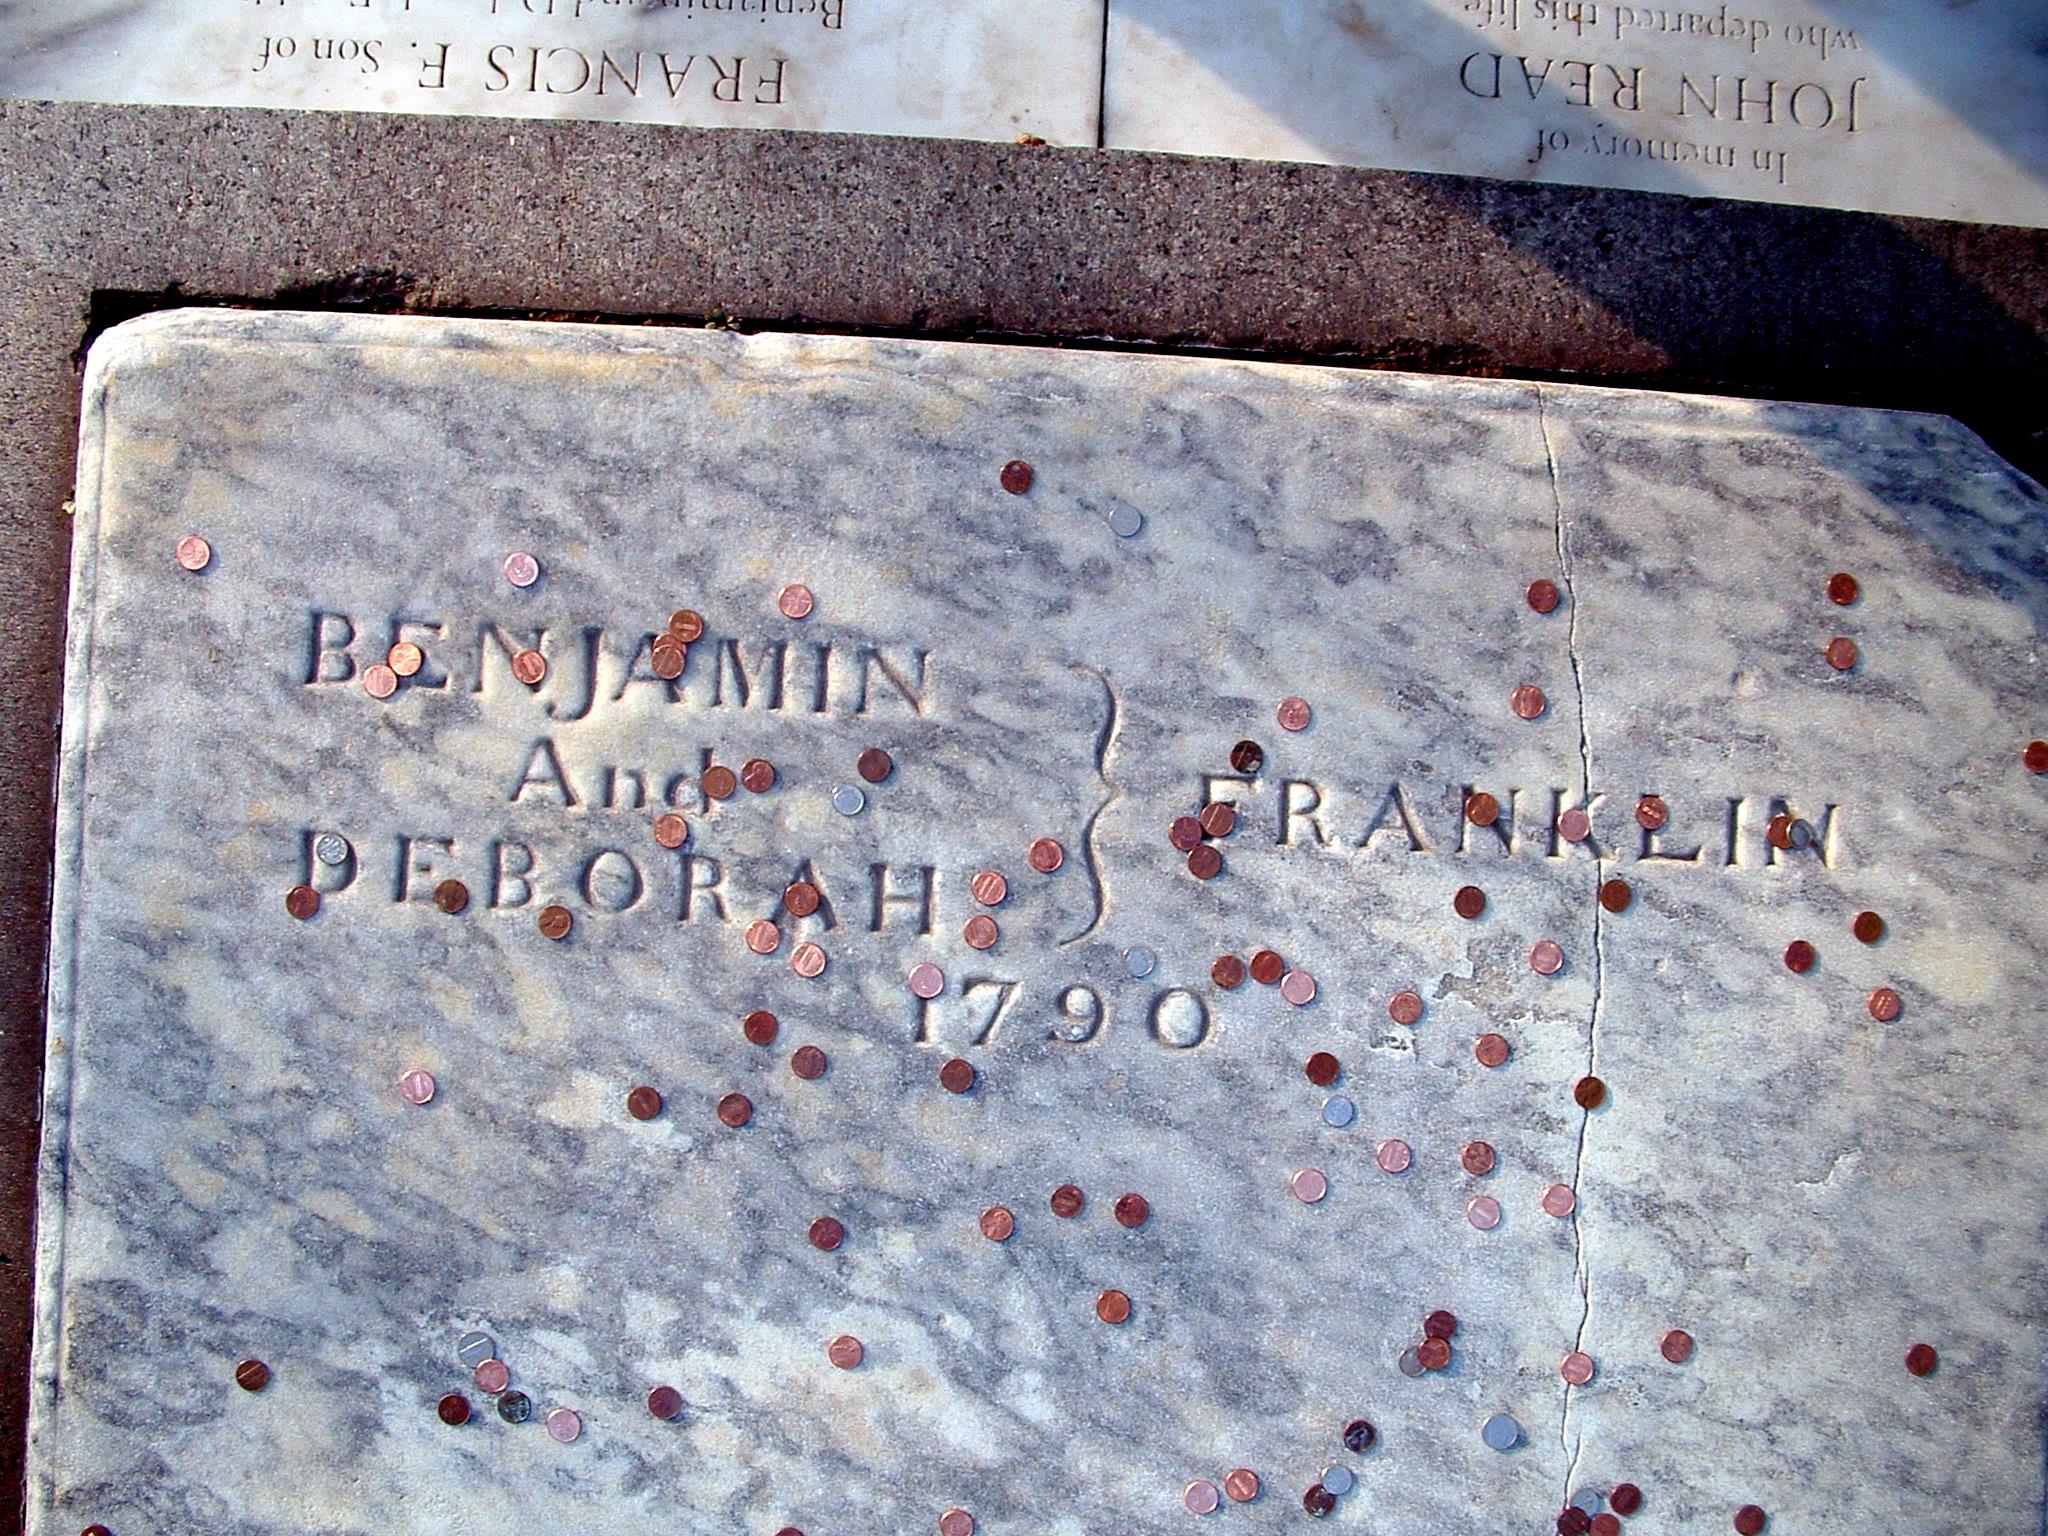 Afbeeldingsresultaat voor Benjamin Franklin grave philadelphia